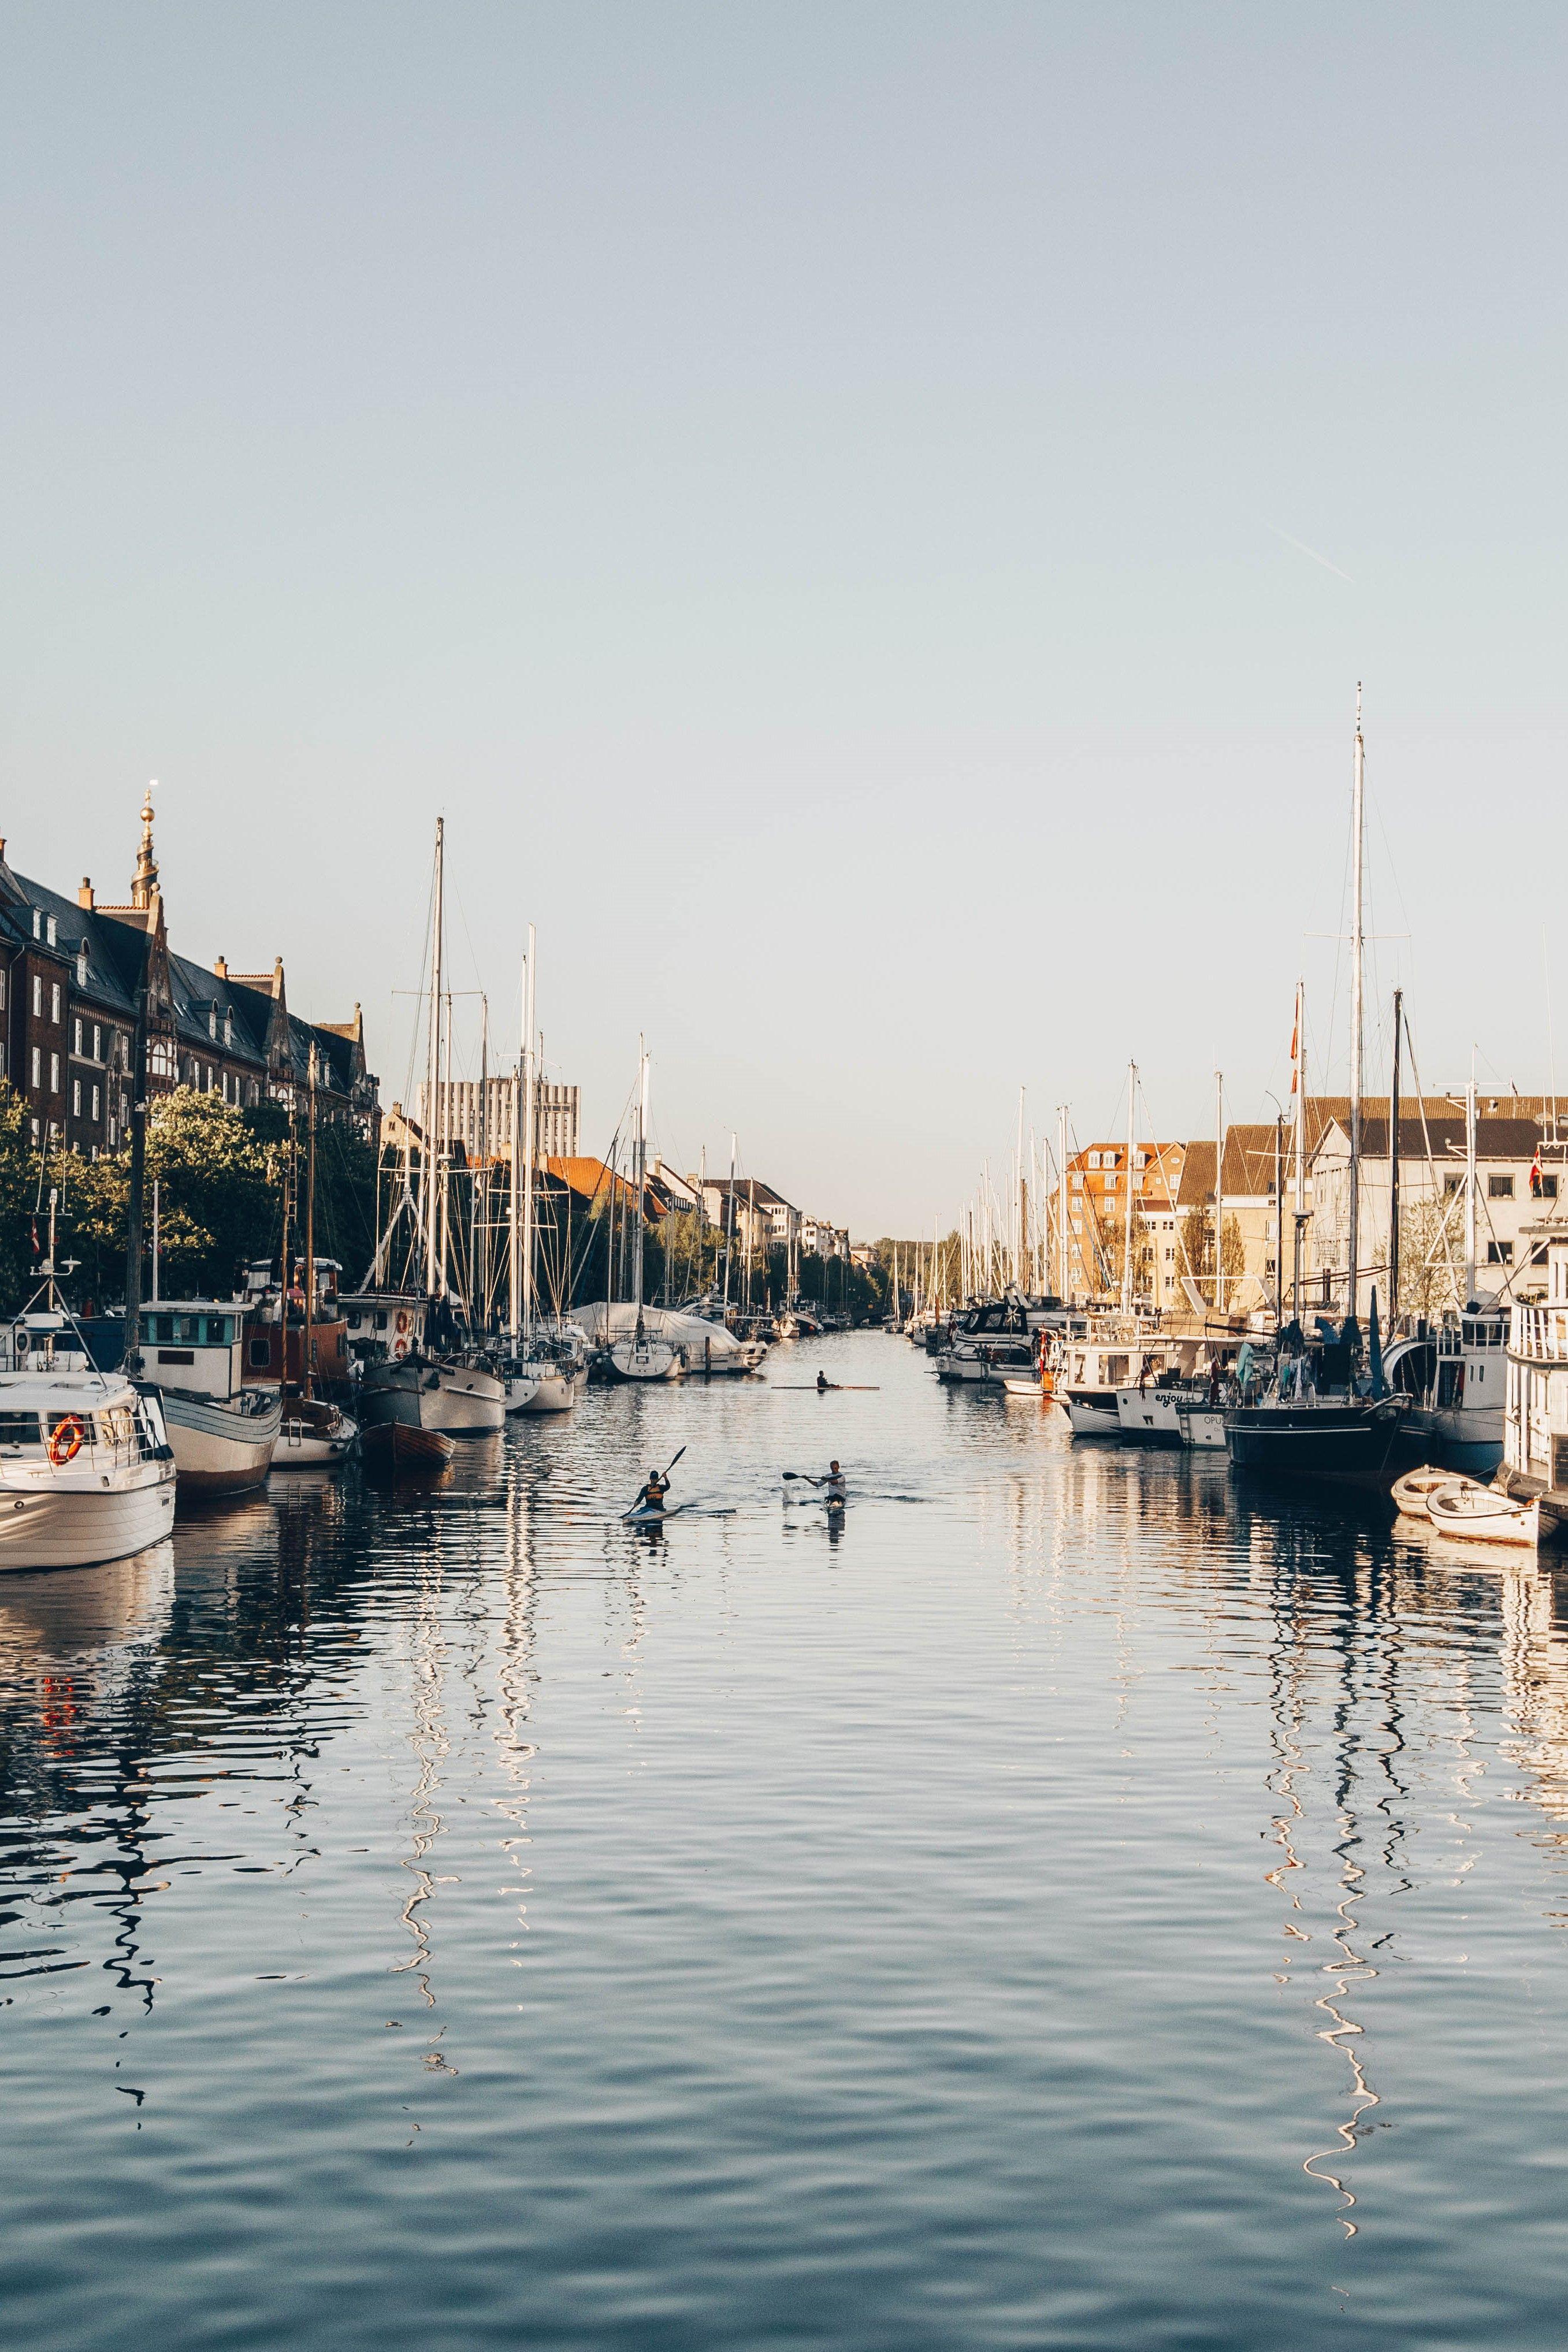 Danemarks Gemutliche Hauptstadt Hat So Einiges Zu Bieten Modernes Design Einzigartige Architektur Kulinarik Und Zahlreiche In 2020 Reiseziele Danemark Urlaub Reisen